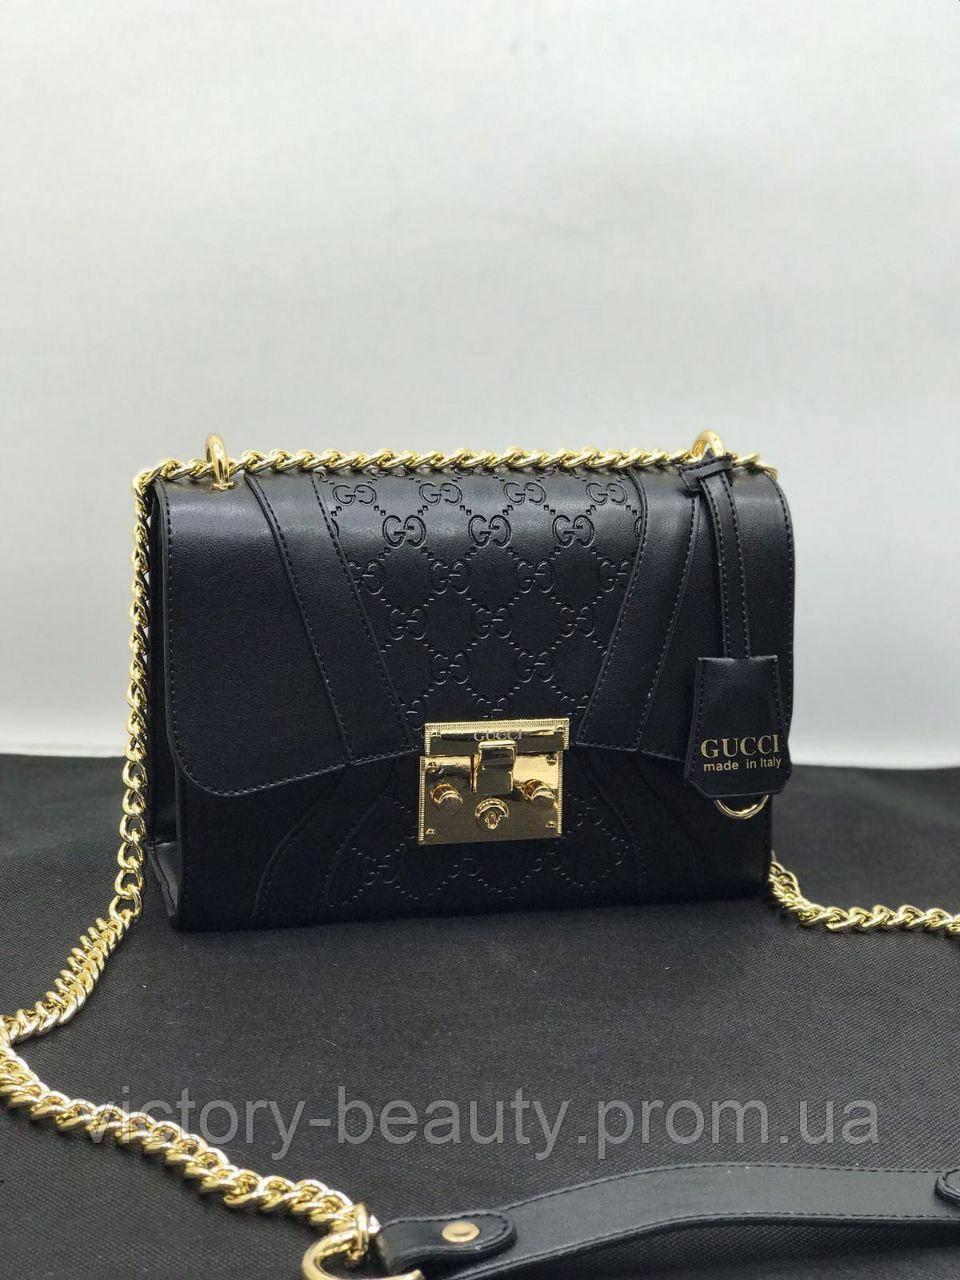 260966c09a07 Сумка копия люкс Gucci  продажа, цена в Харькове. женские сумочки и ...